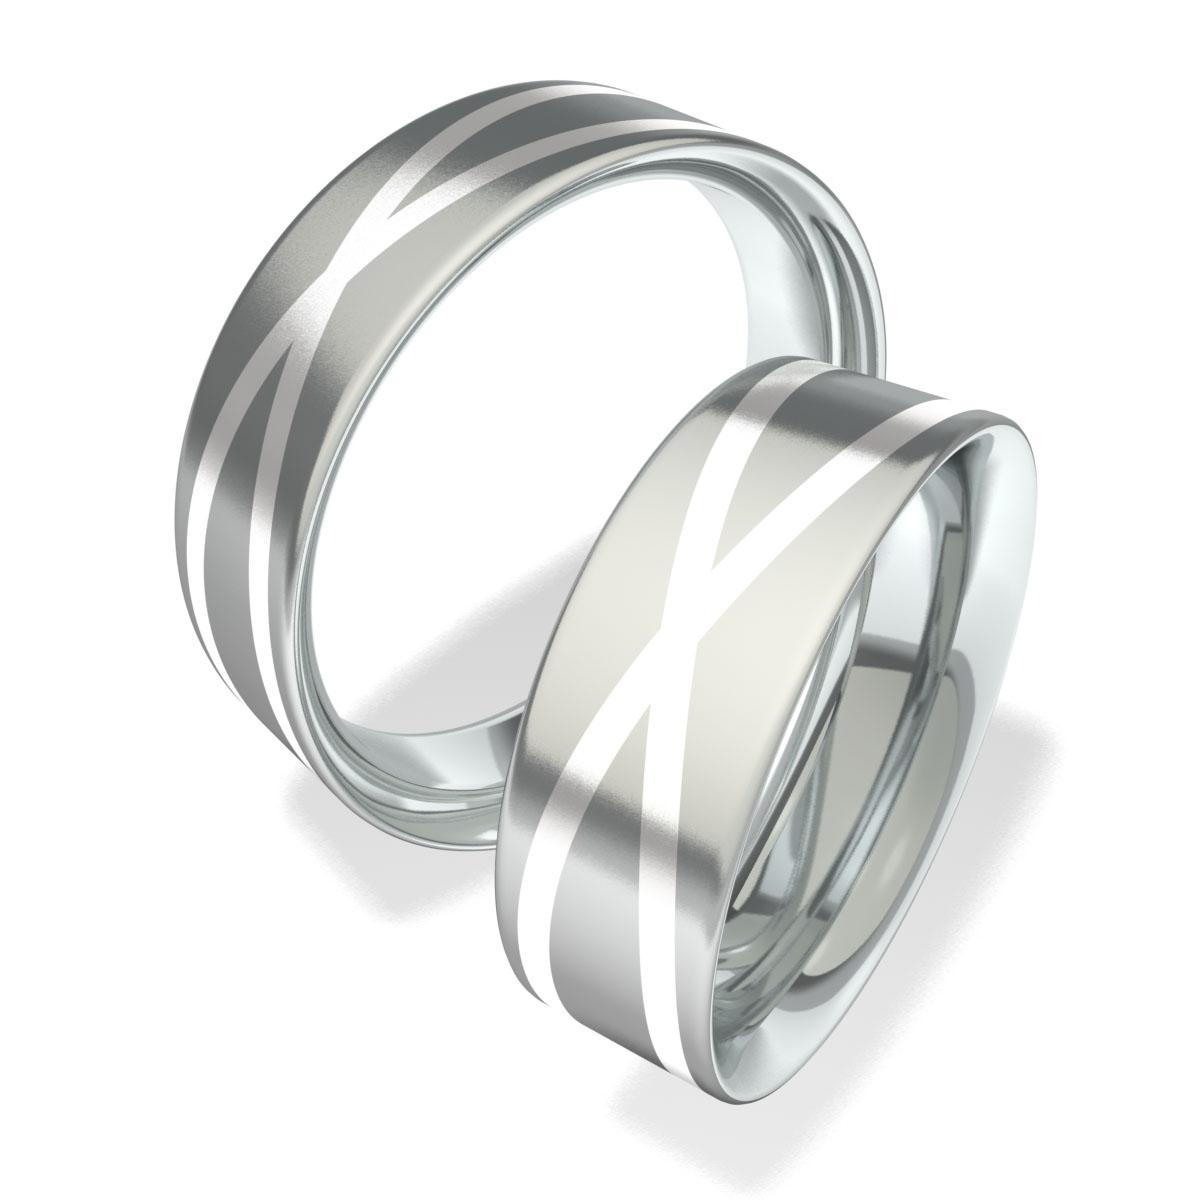 Luxusní Ocelové snubní prsteny 702003 (Luxusní Ocelové snubní prsteny 702003)